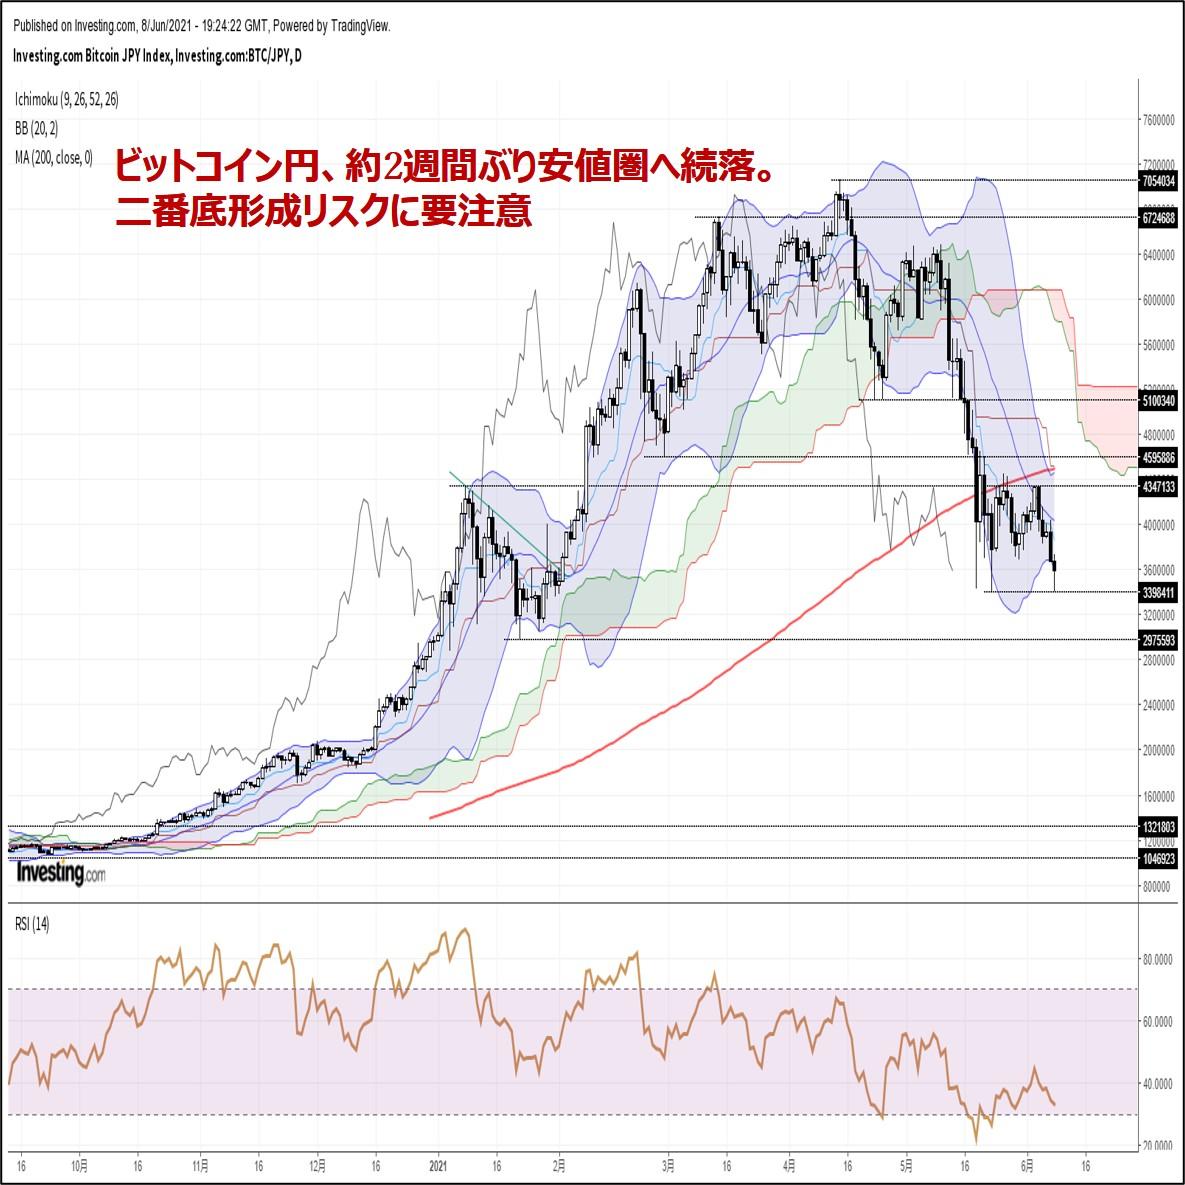 ビットコイン円、約2週間ぶり安値圏へ続落。二番底形成リスクに要注意